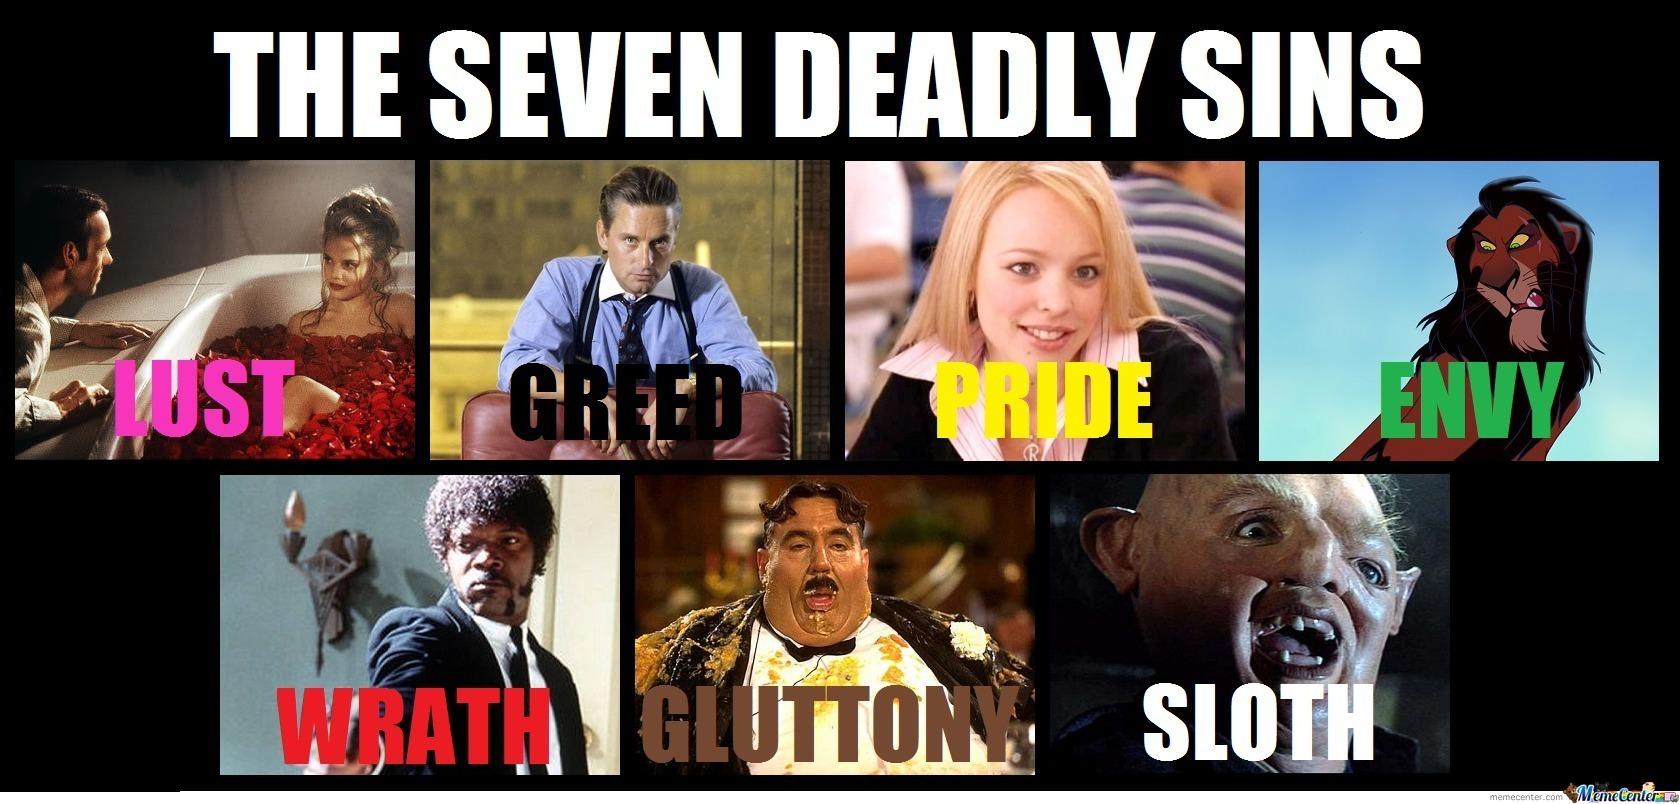 the seven deadly sins_o_1775841?resize=640%2C480 meme foxy blogs